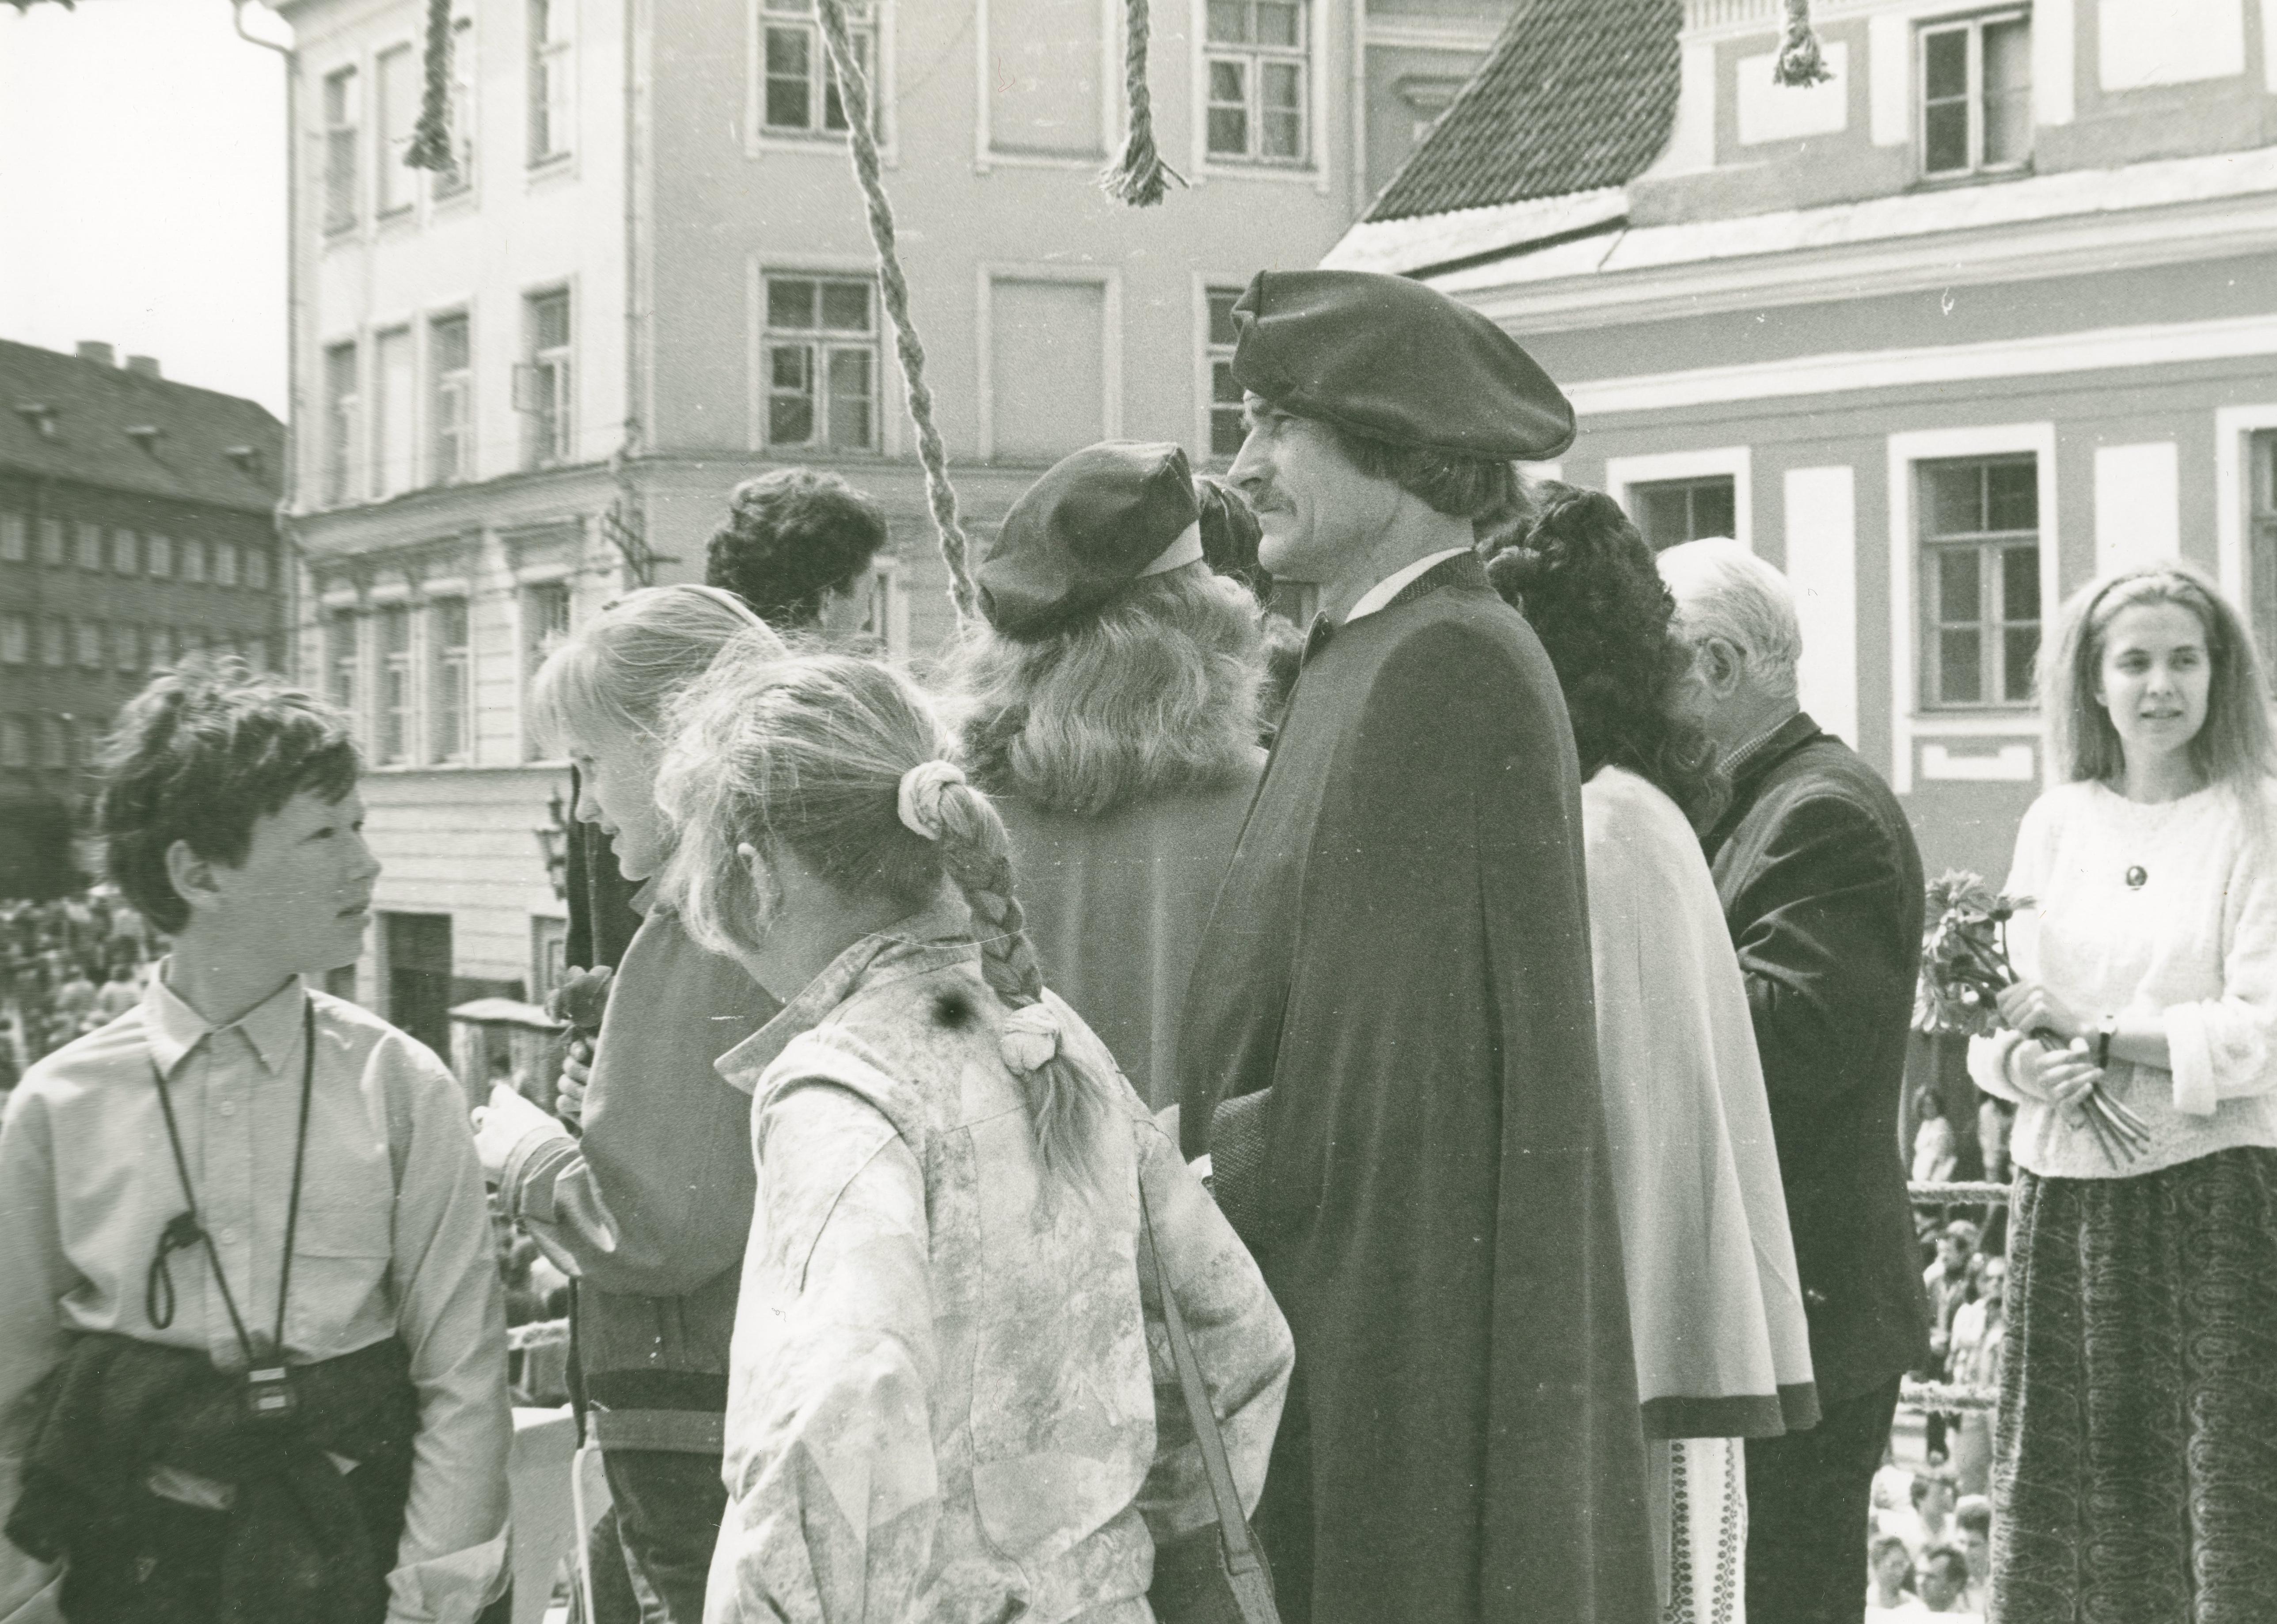 Foto Vanalinna päevadest aastatest 1984 - 1990. Jüri Kuuskemaa. Fotograaf: Georgi Tsvetkov. erf0002_002_0004294_00000_00003_fk